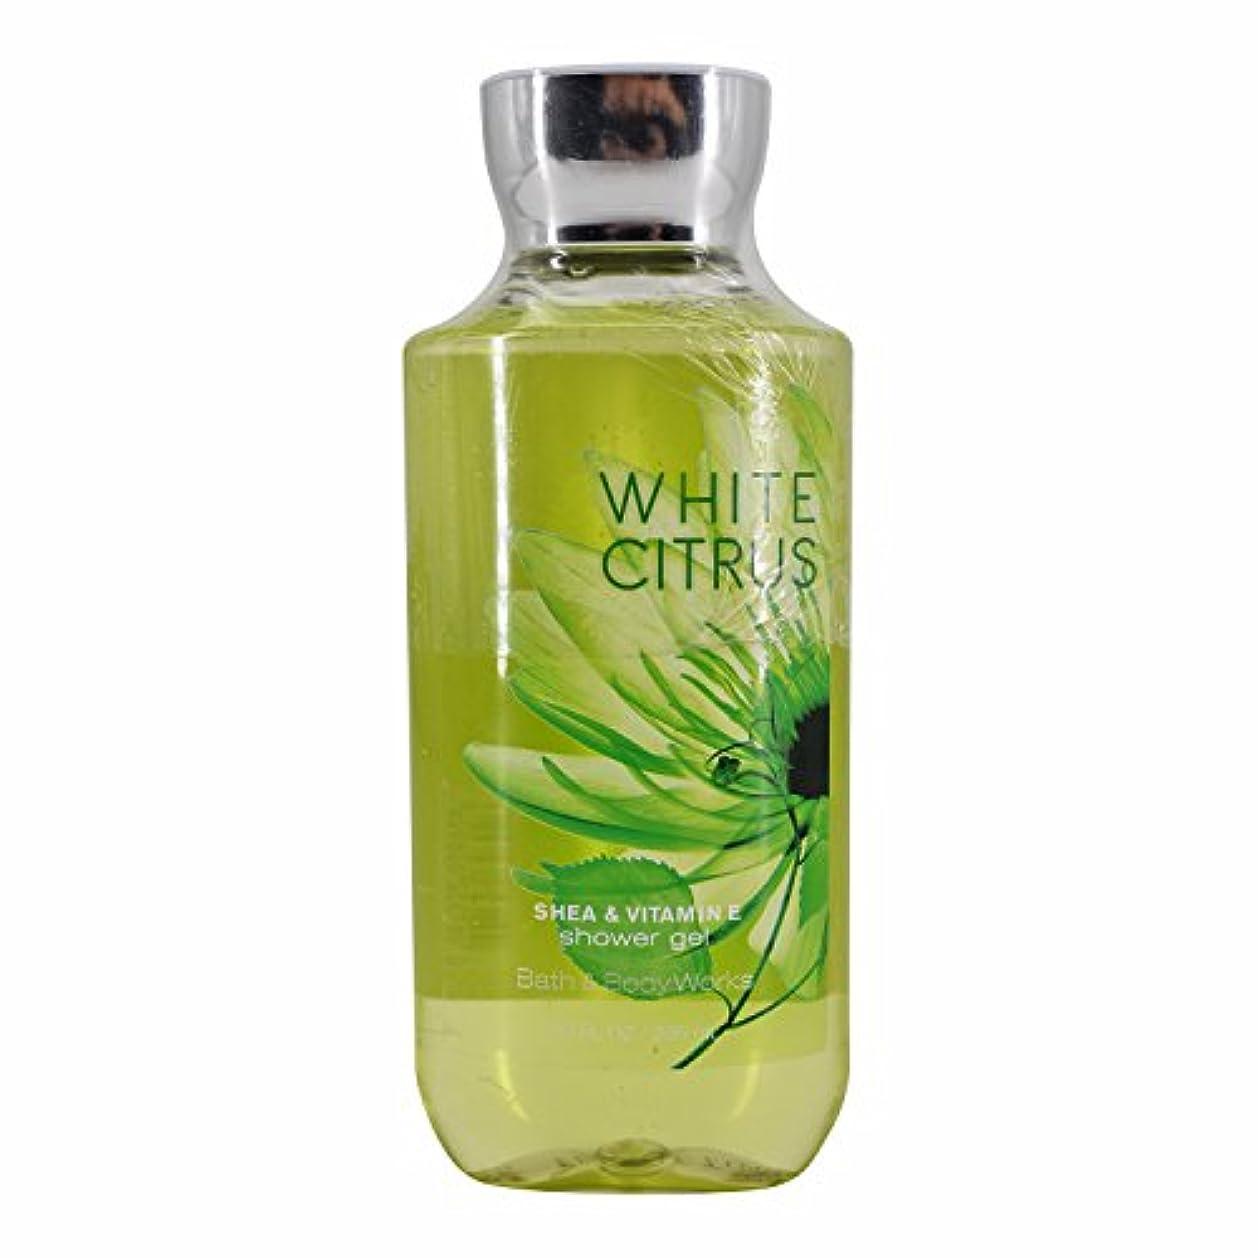 キャリッジ信じるチャレンジバス&ボディワークス ホワイトシトラス シャワージェル White Citrus Shea & Vitamin-E Shower Gel